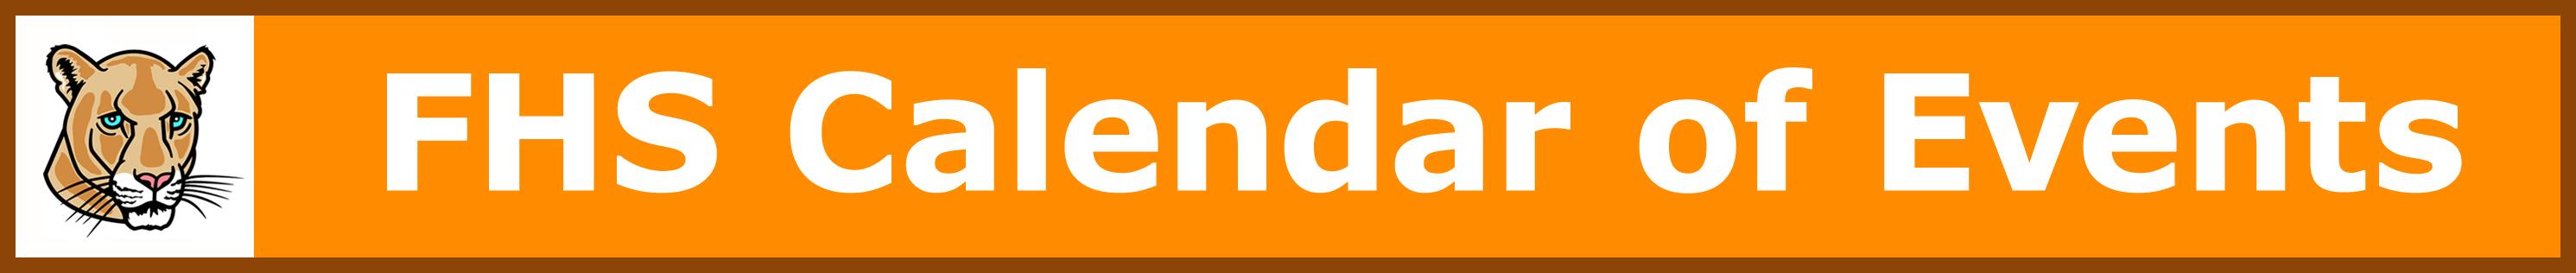 FHS Calendar of Events